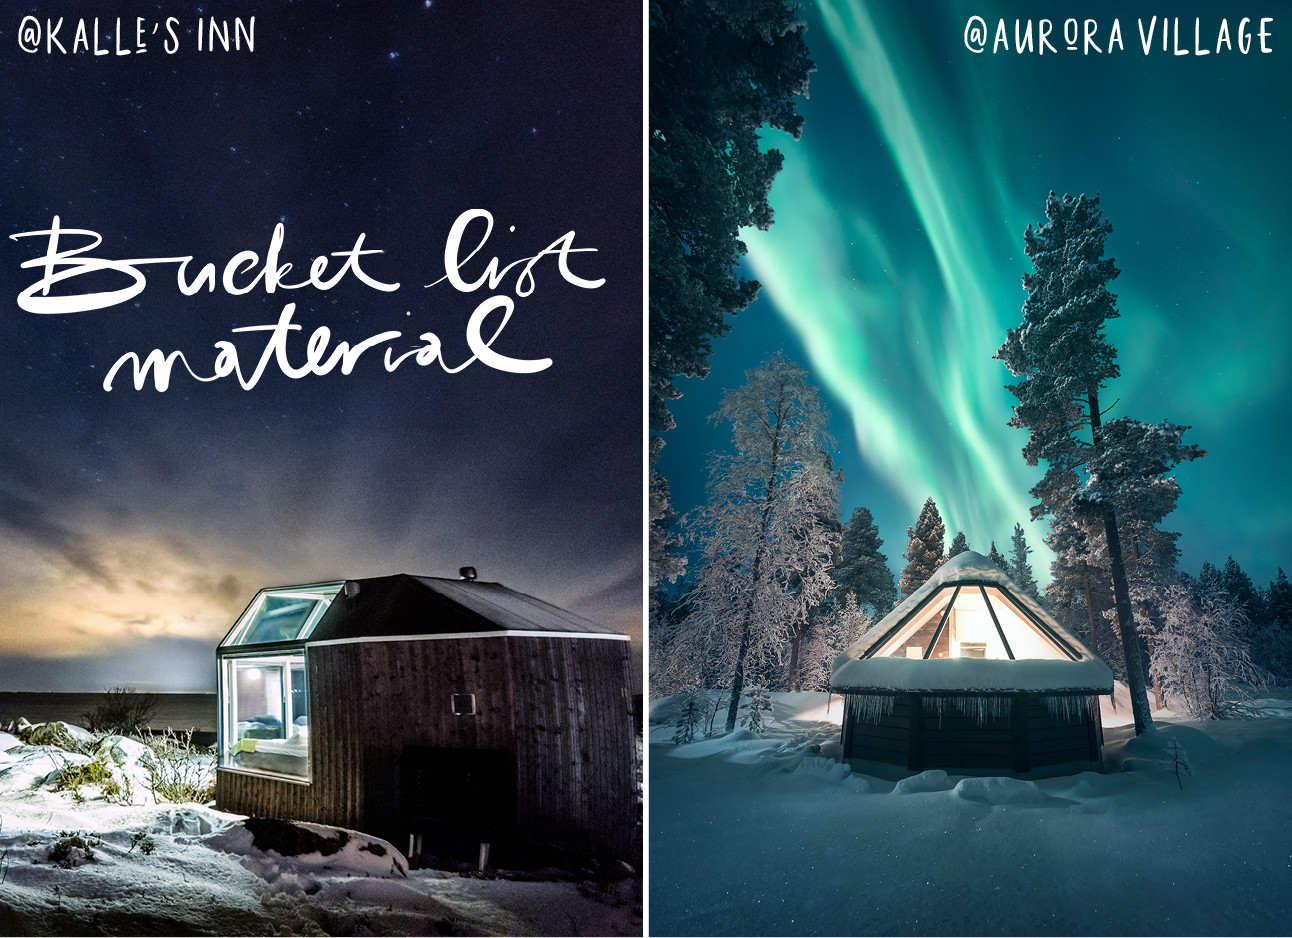 beelden uit finland met het noorderlicht en kleine huisjes om in te overnachten en veel sneeuw